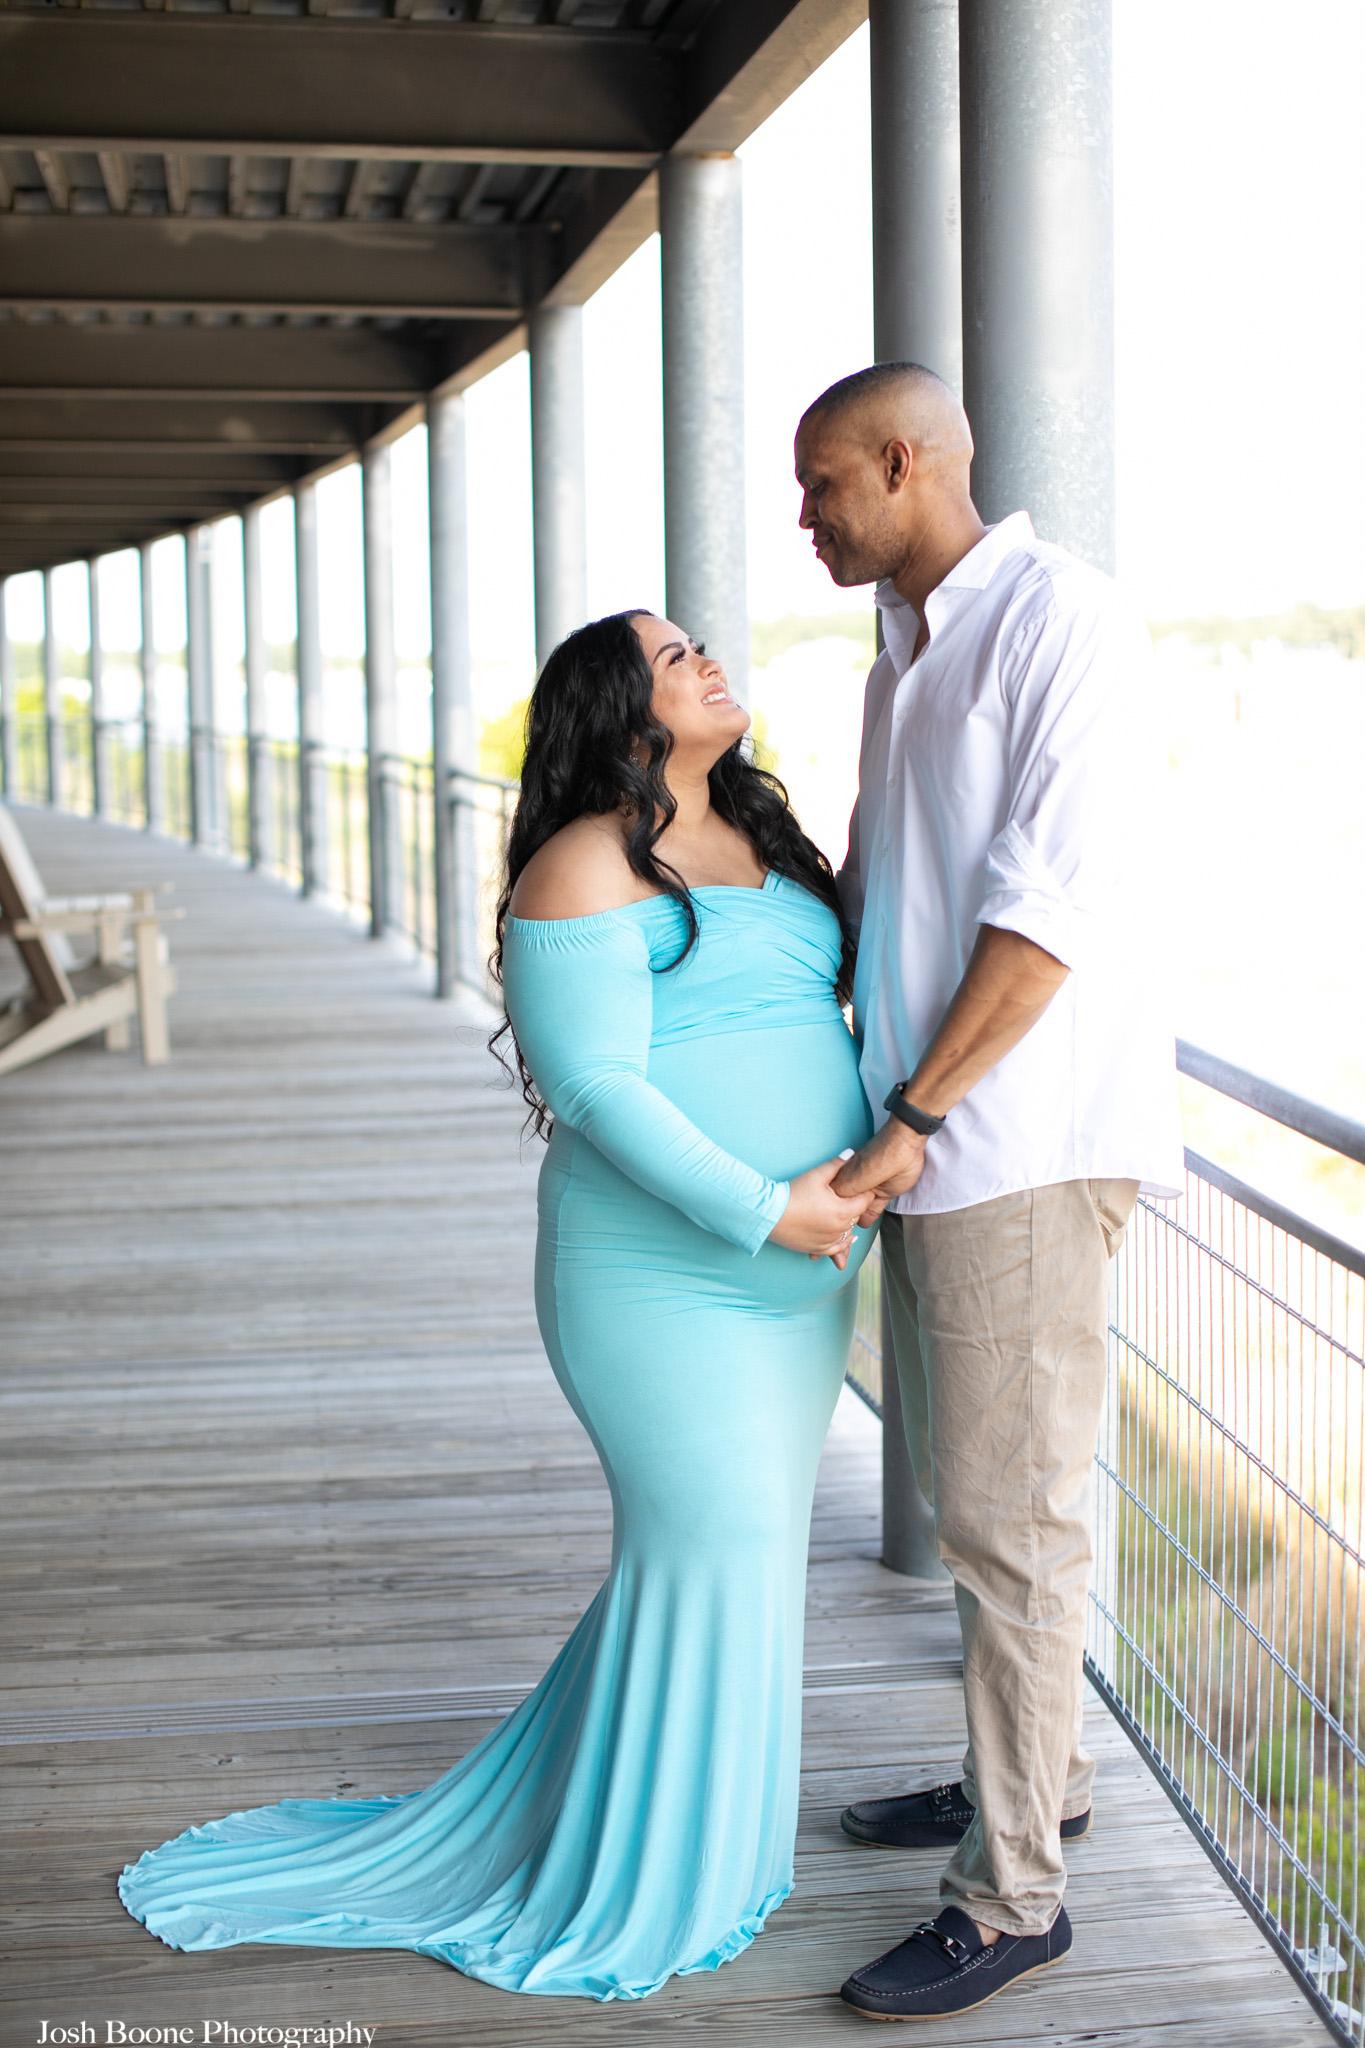 pleasure_house_point_maternity_photos-8.jpg